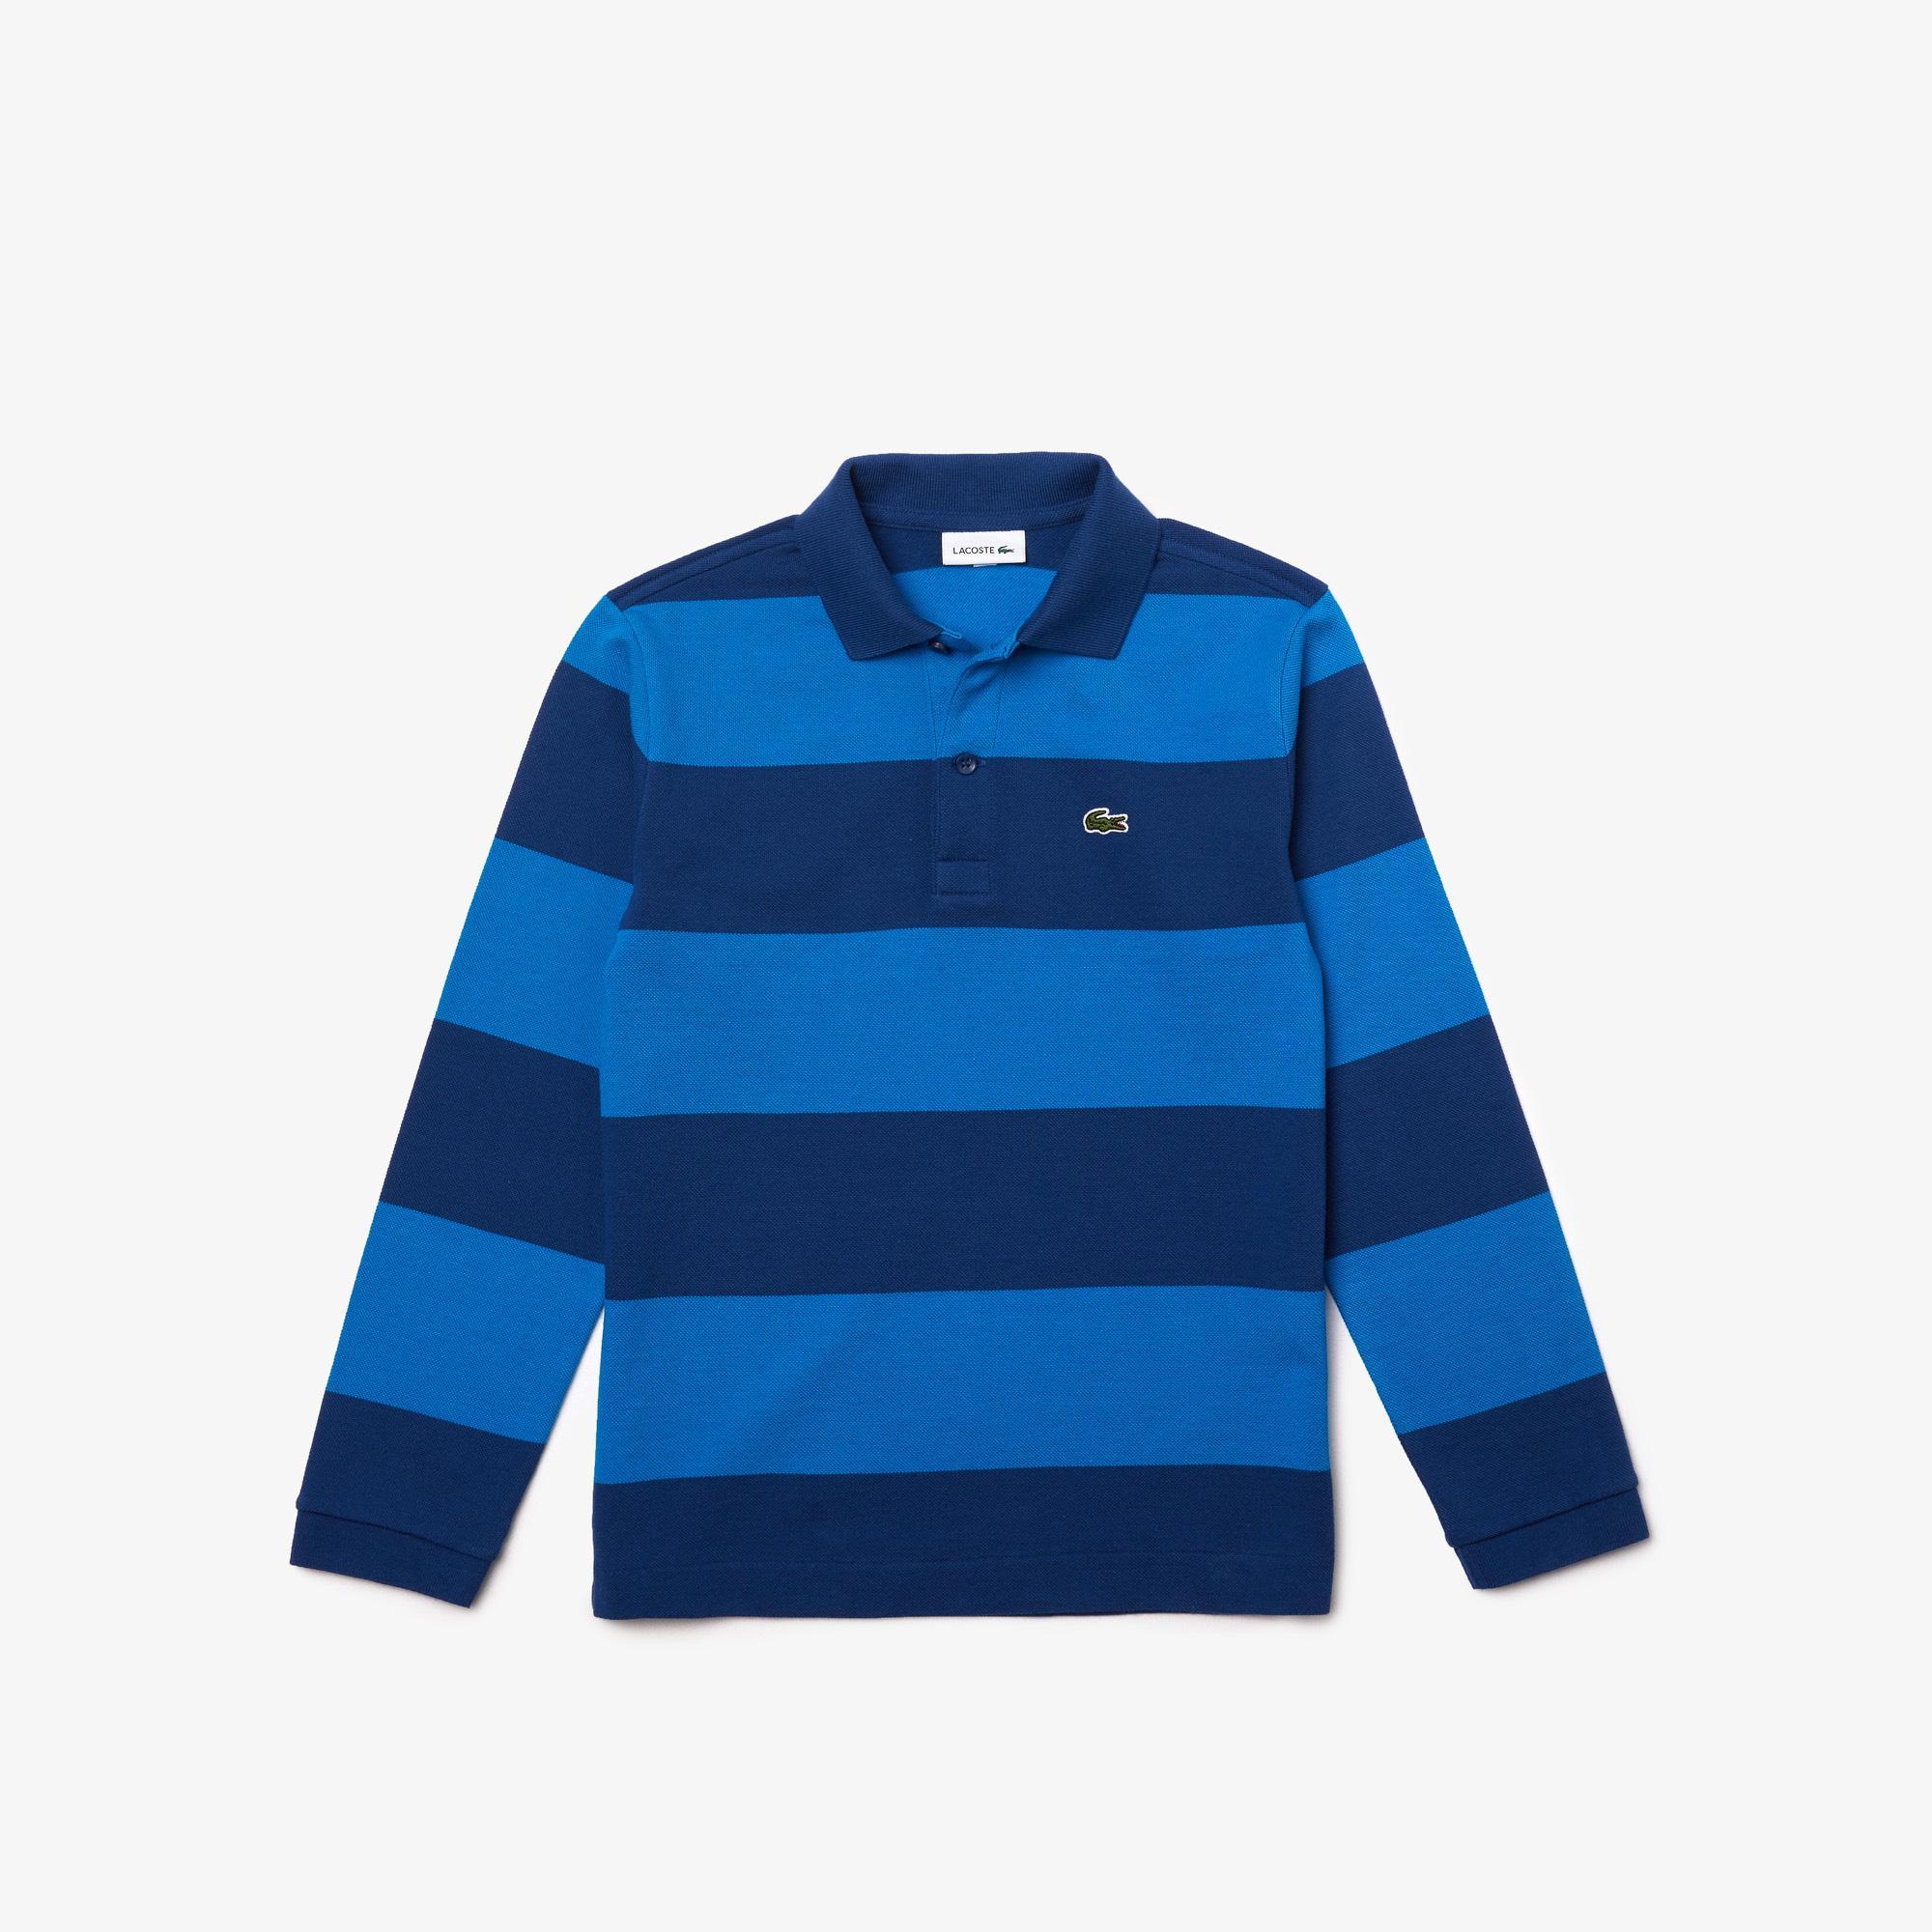 Lacoste Çocuk Çizgili Uzun Kollu Lacivert - Mavi Polo